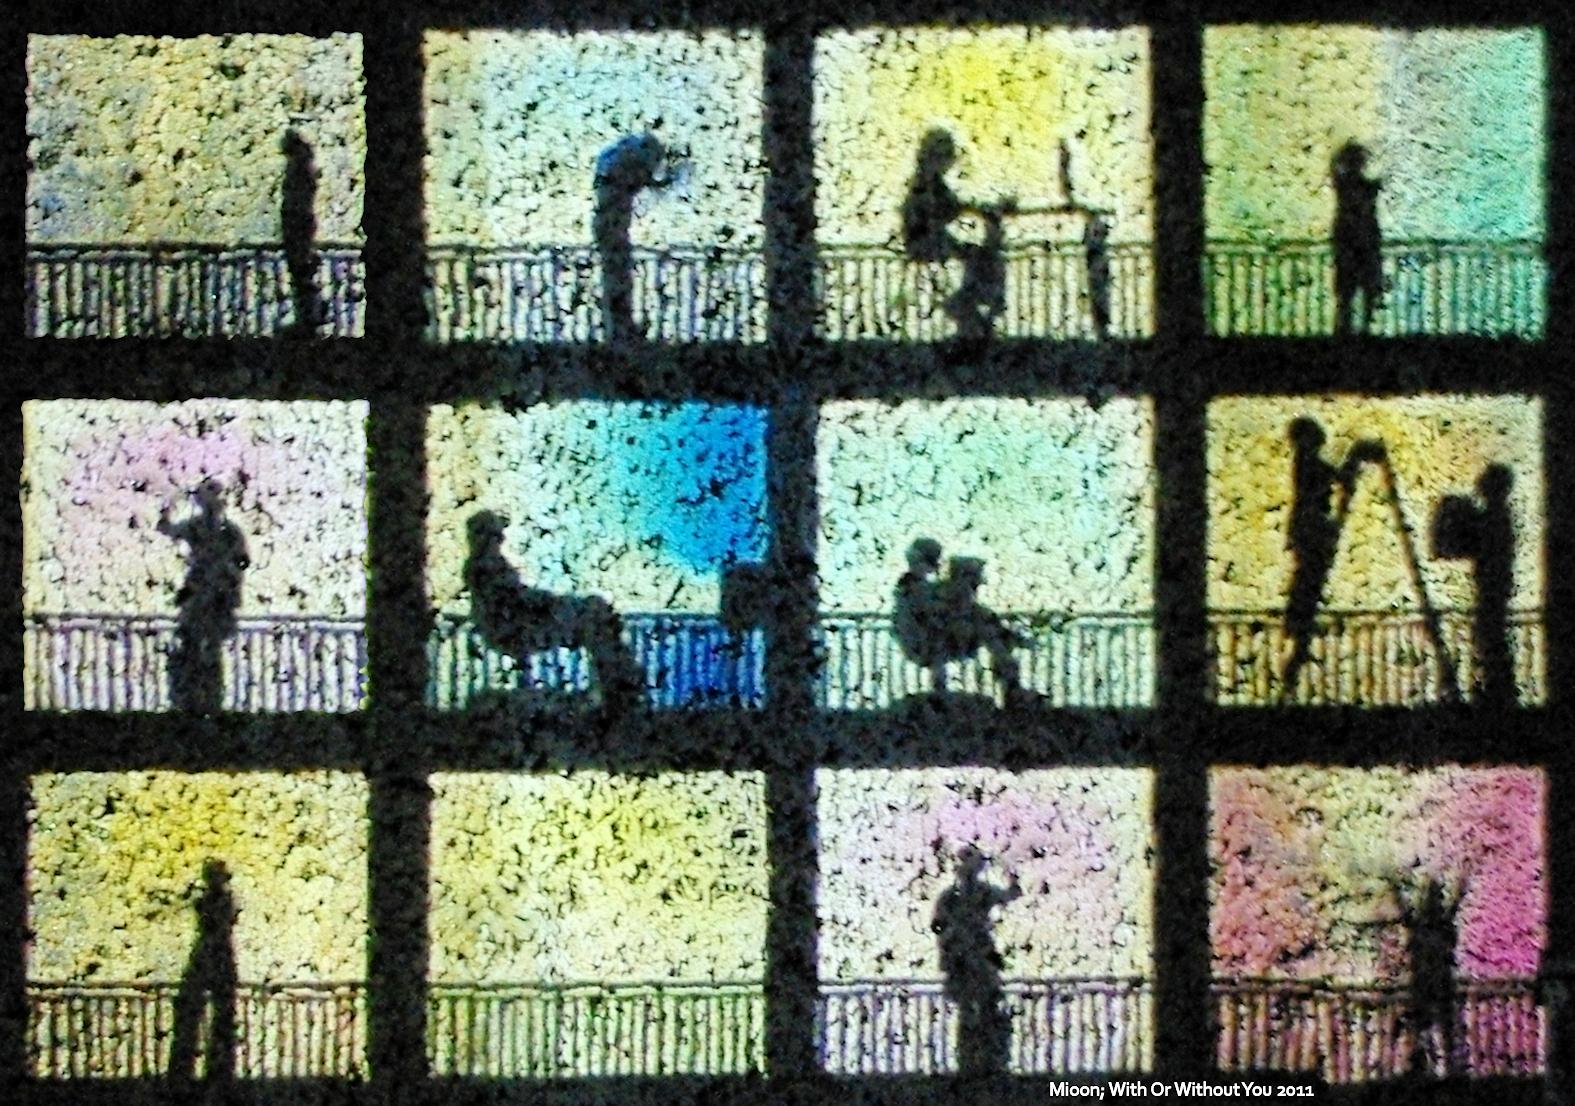 Bild von Menschenschatten in 12 Fenstern